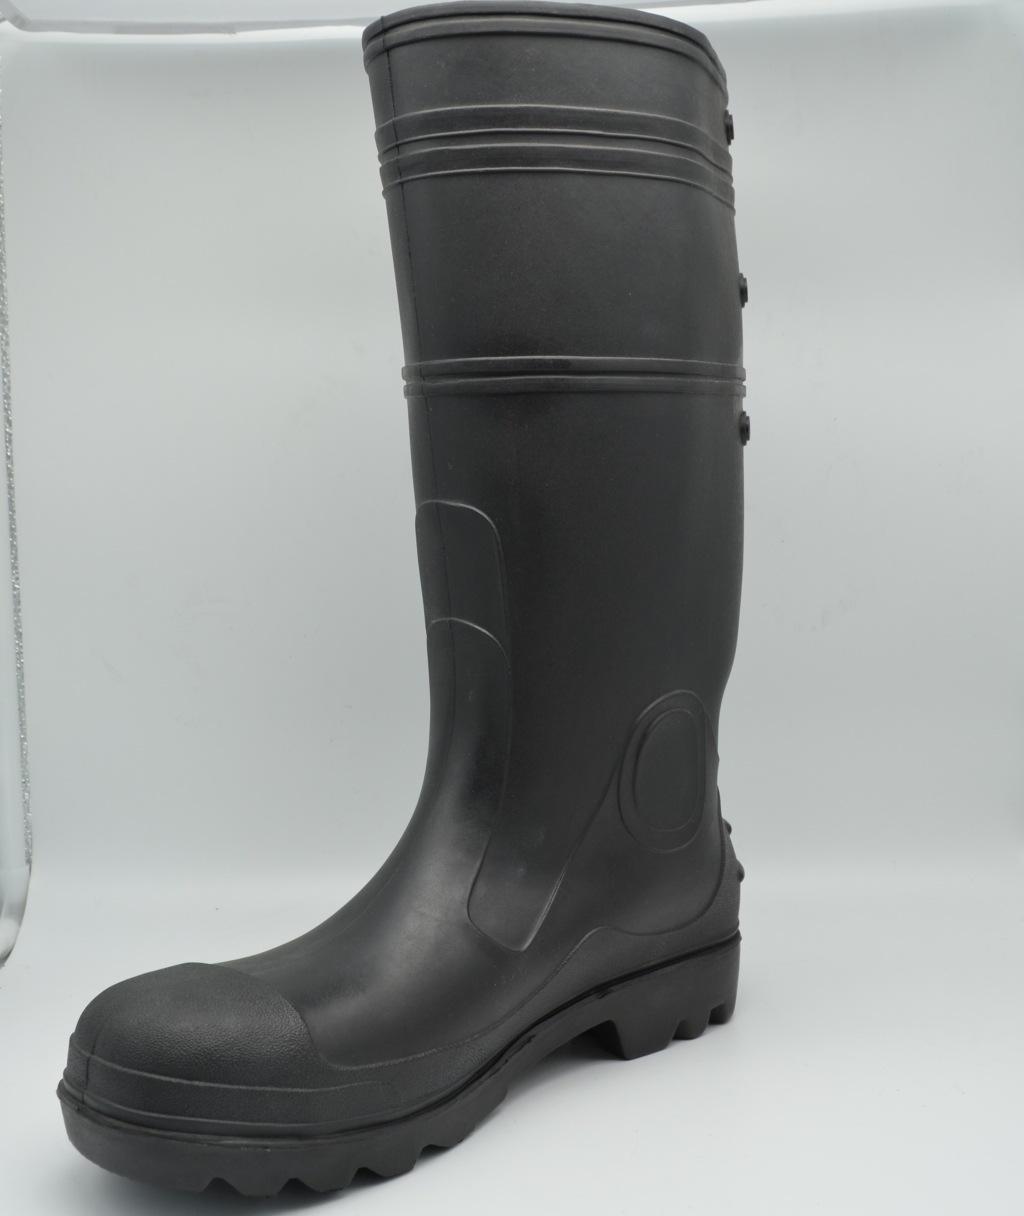 橡胶防滑雨鞋防雨靴 西安优质厂家现货供应雨靴 工地劳保雨靴批发